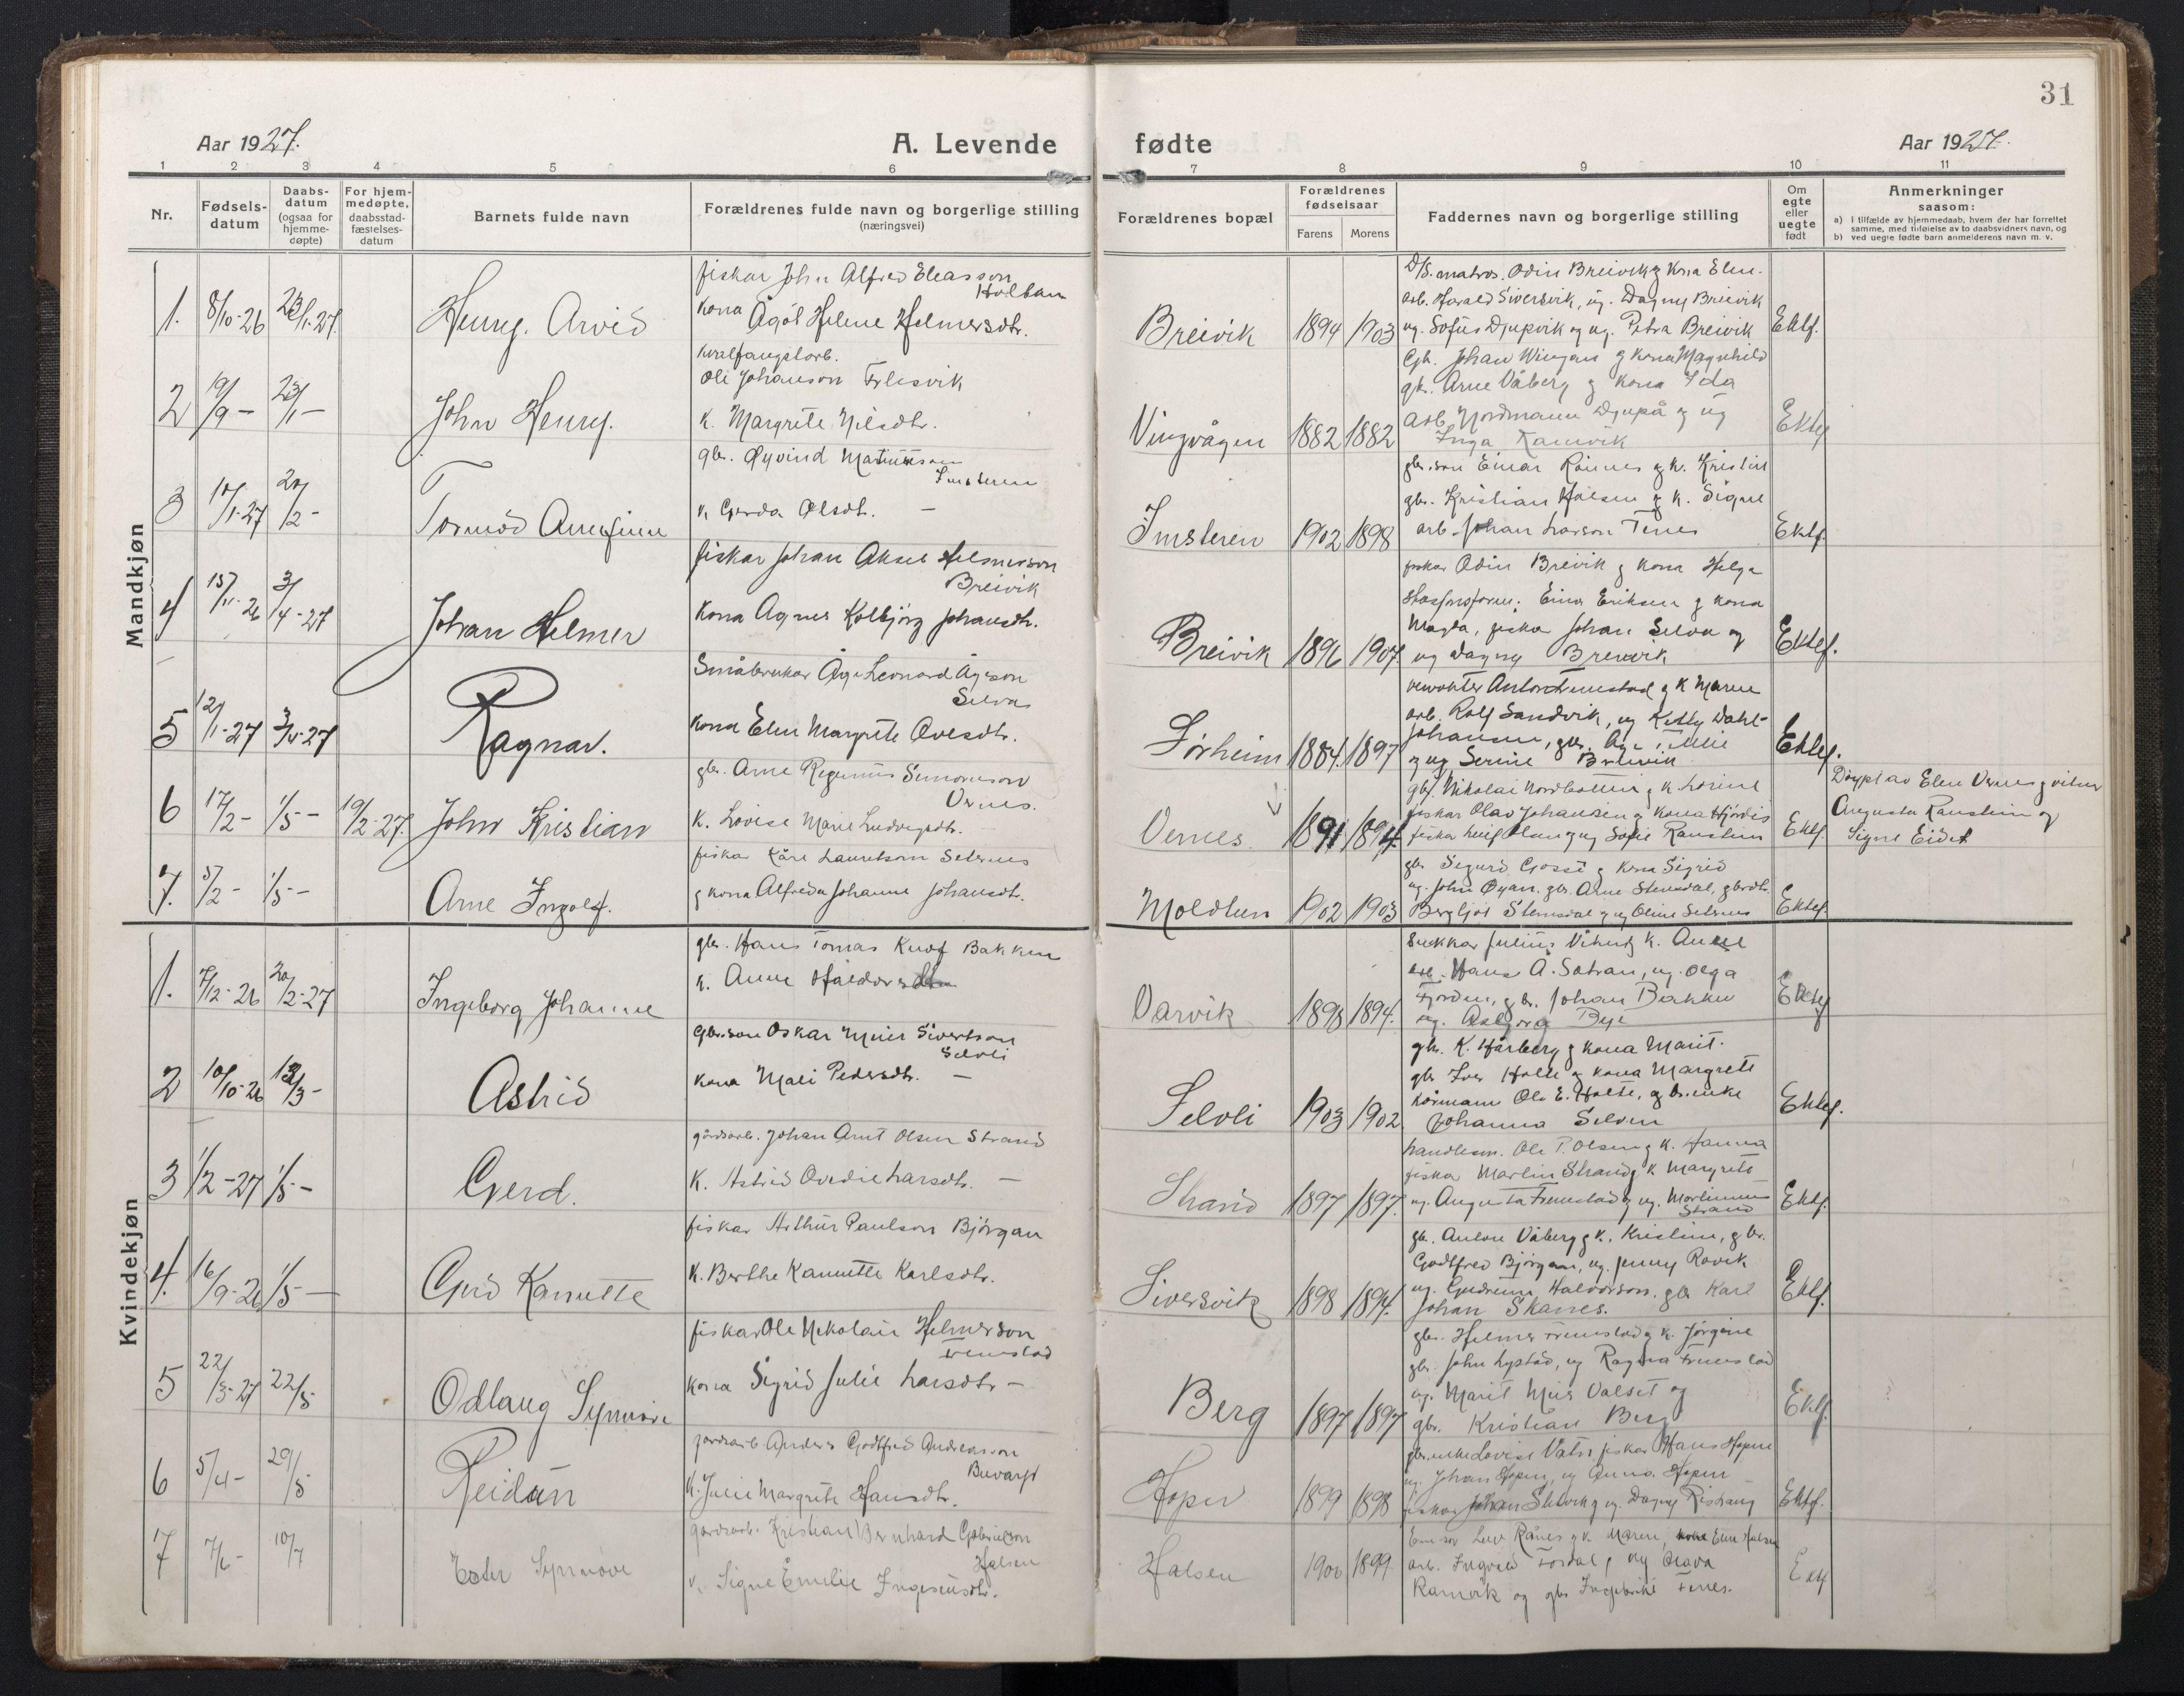 SAT, Ministerialprotokoller, klokkerbøker og fødselsregistre - Sør-Trøndelag, 662/L0758: Klokkerbok nr. 662C03, 1918-1948, s. 31